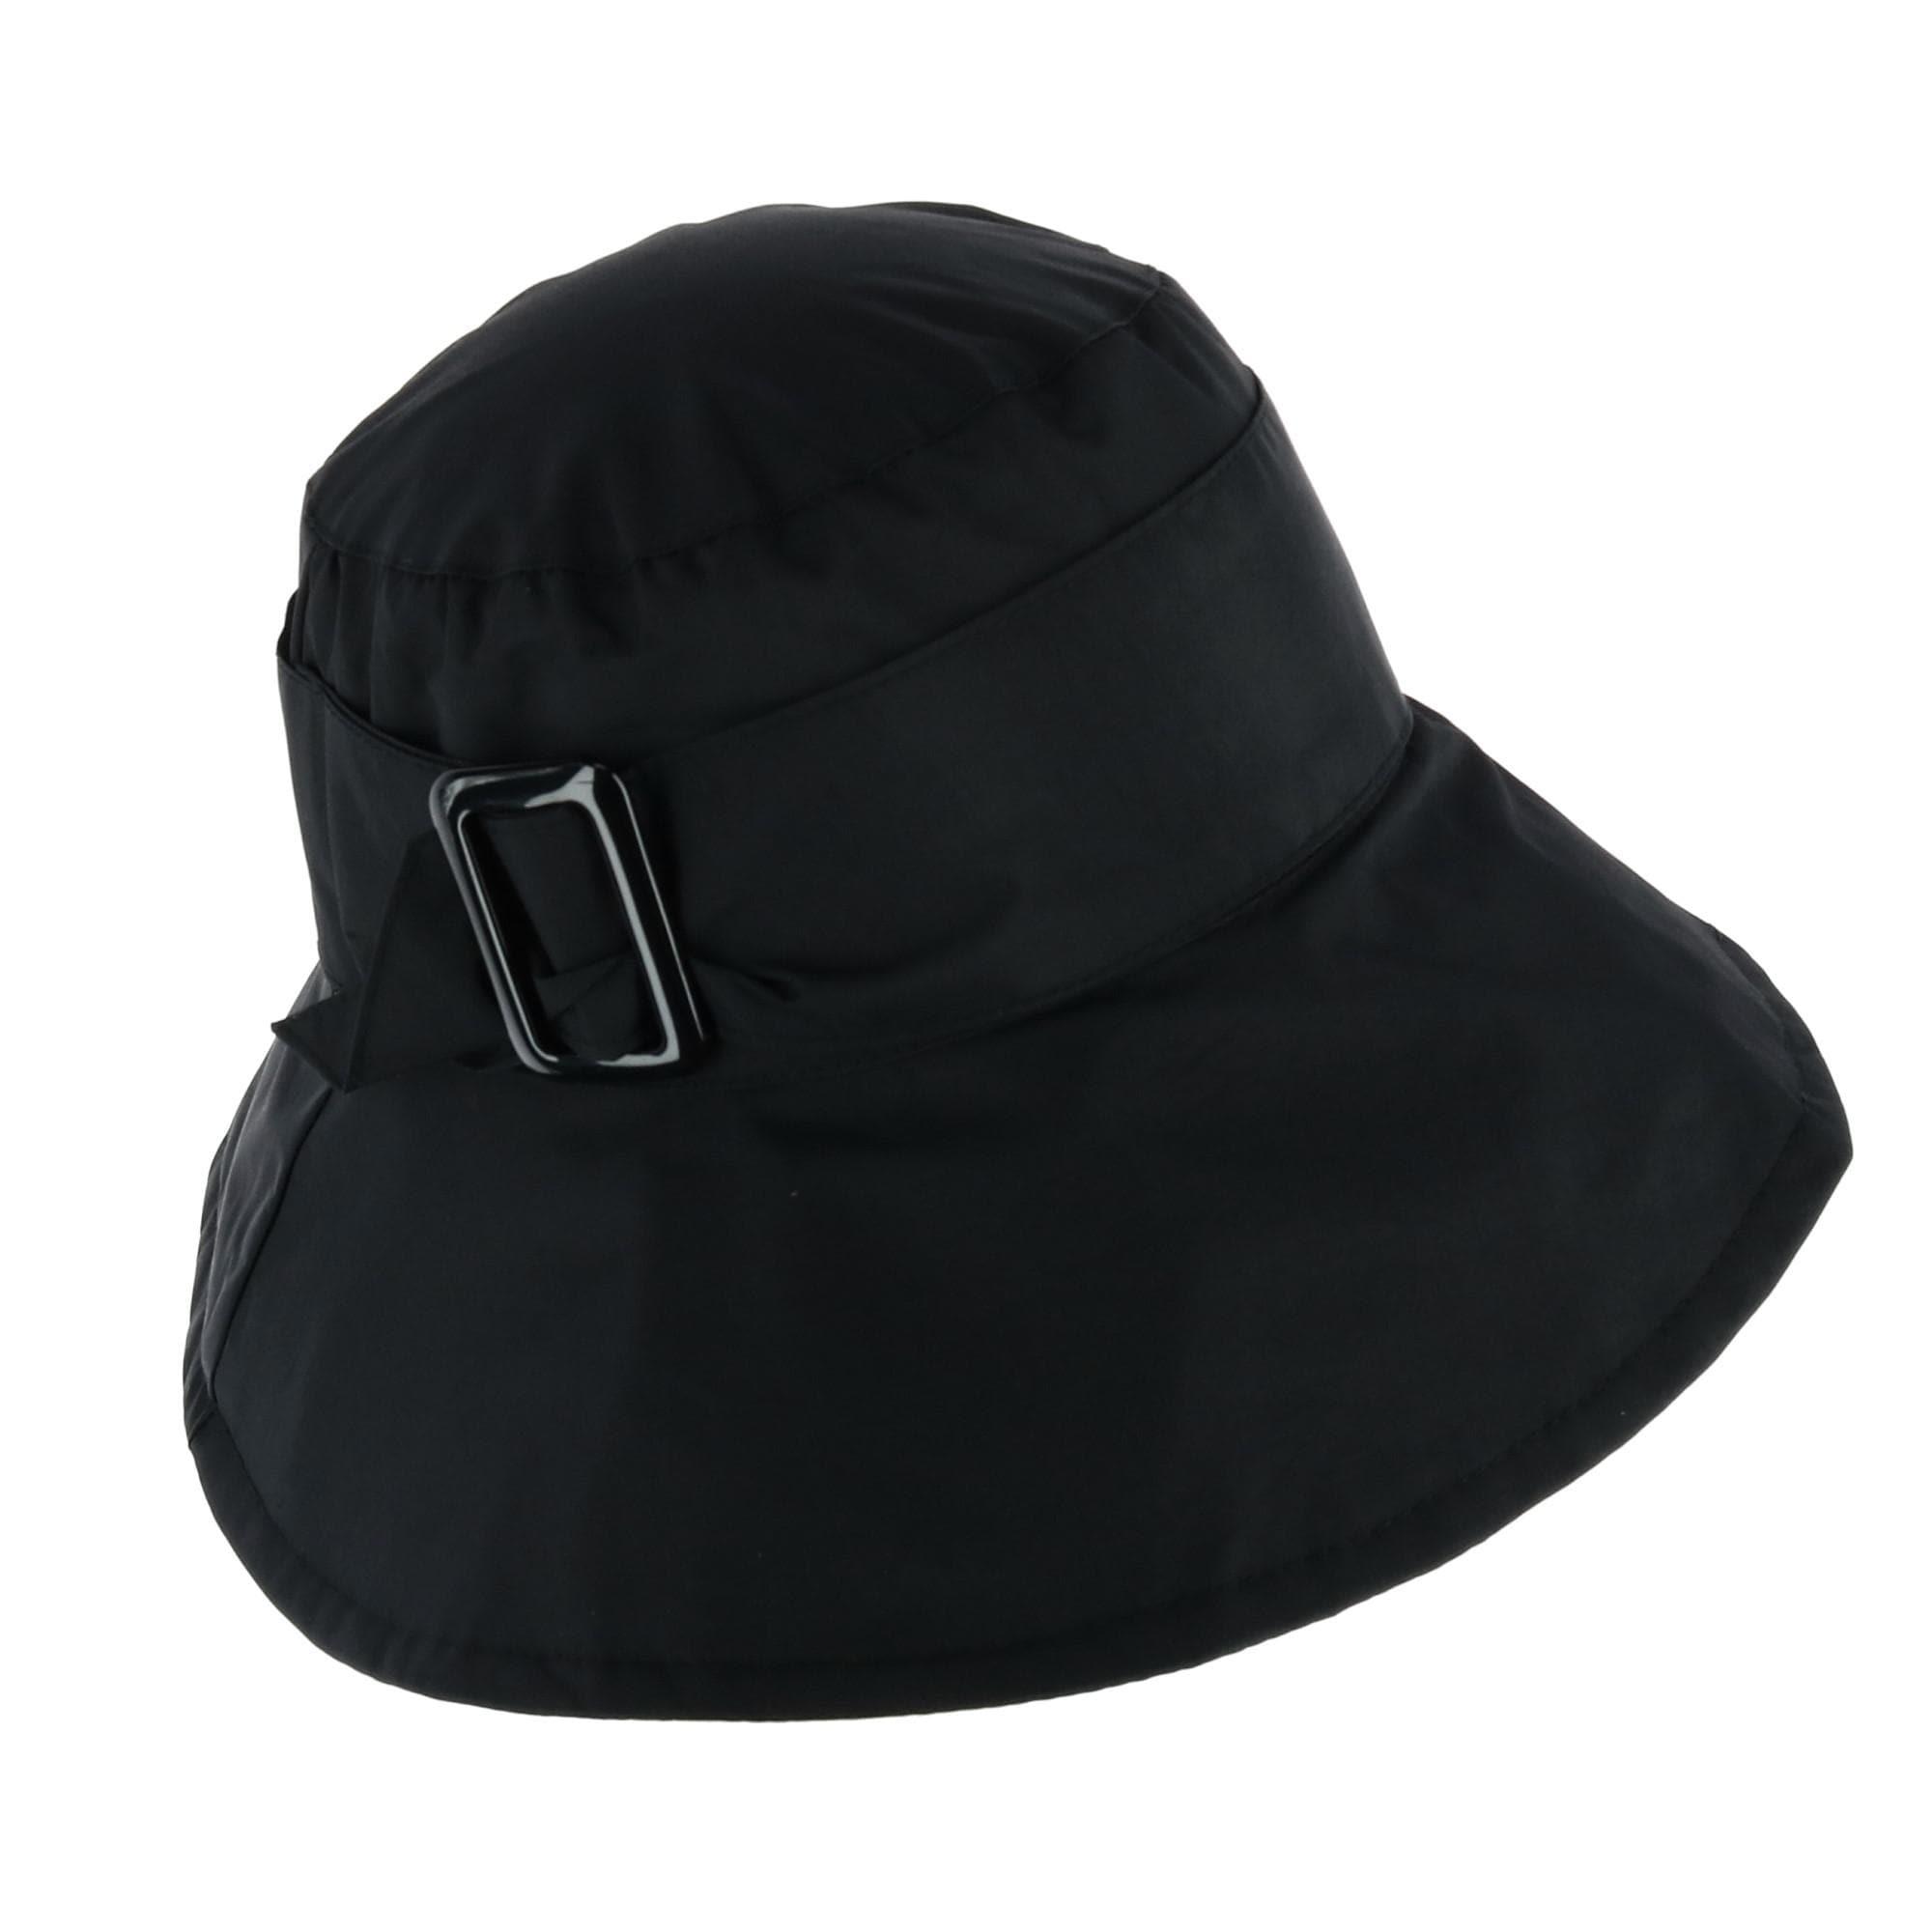 88e4baf0016 Shop Jeanne Simmons Women s Bucket Hat with Large Belt Adjuster ...